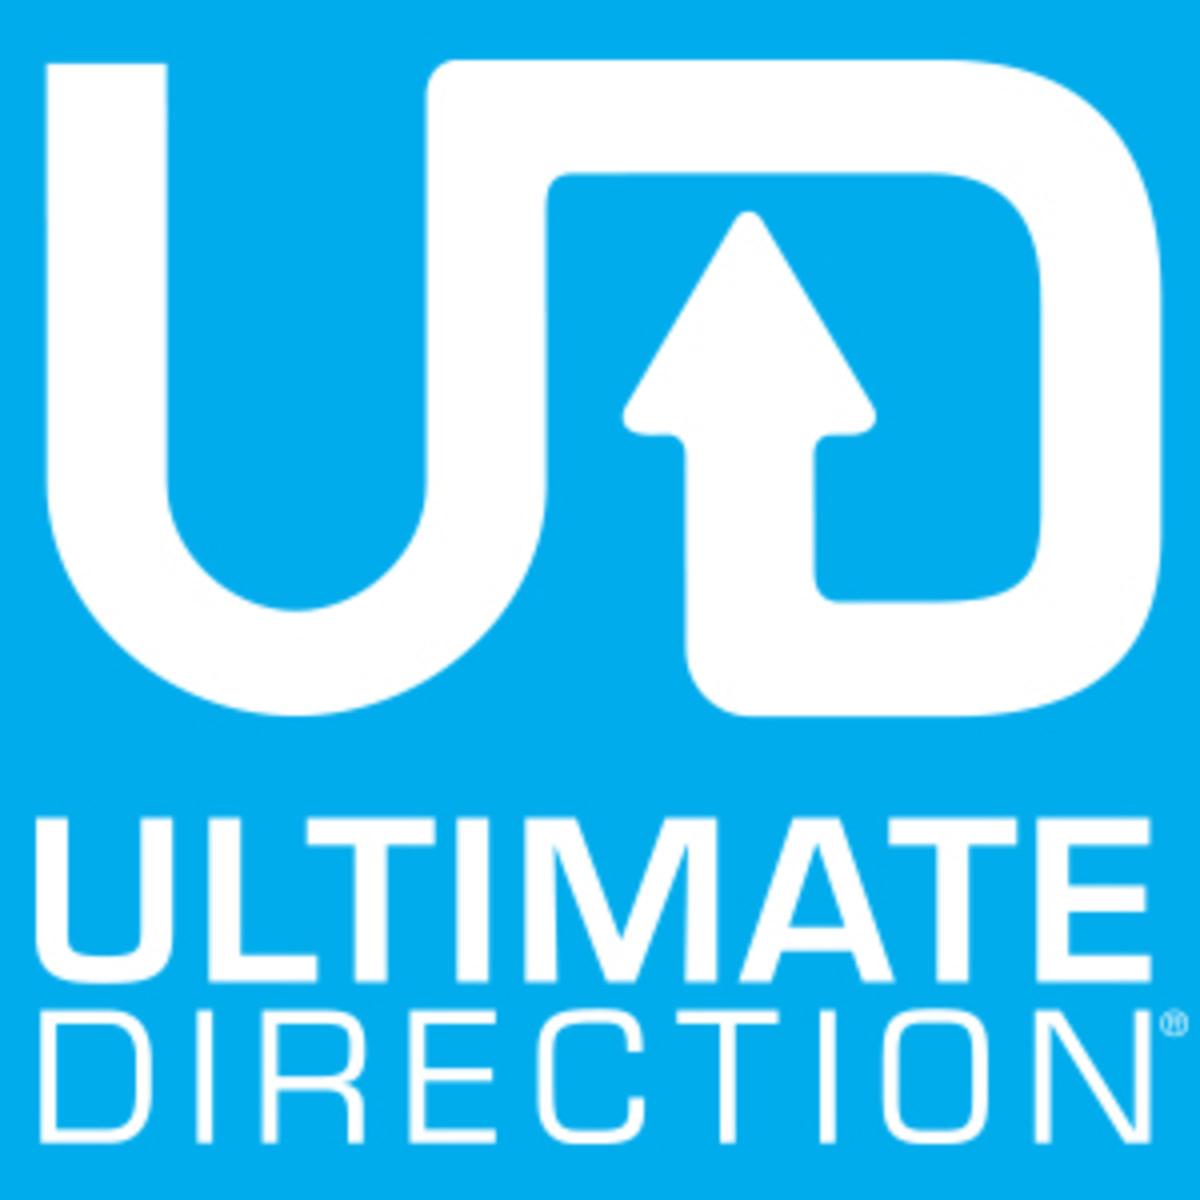 ultimatedirectionlogo.jpg